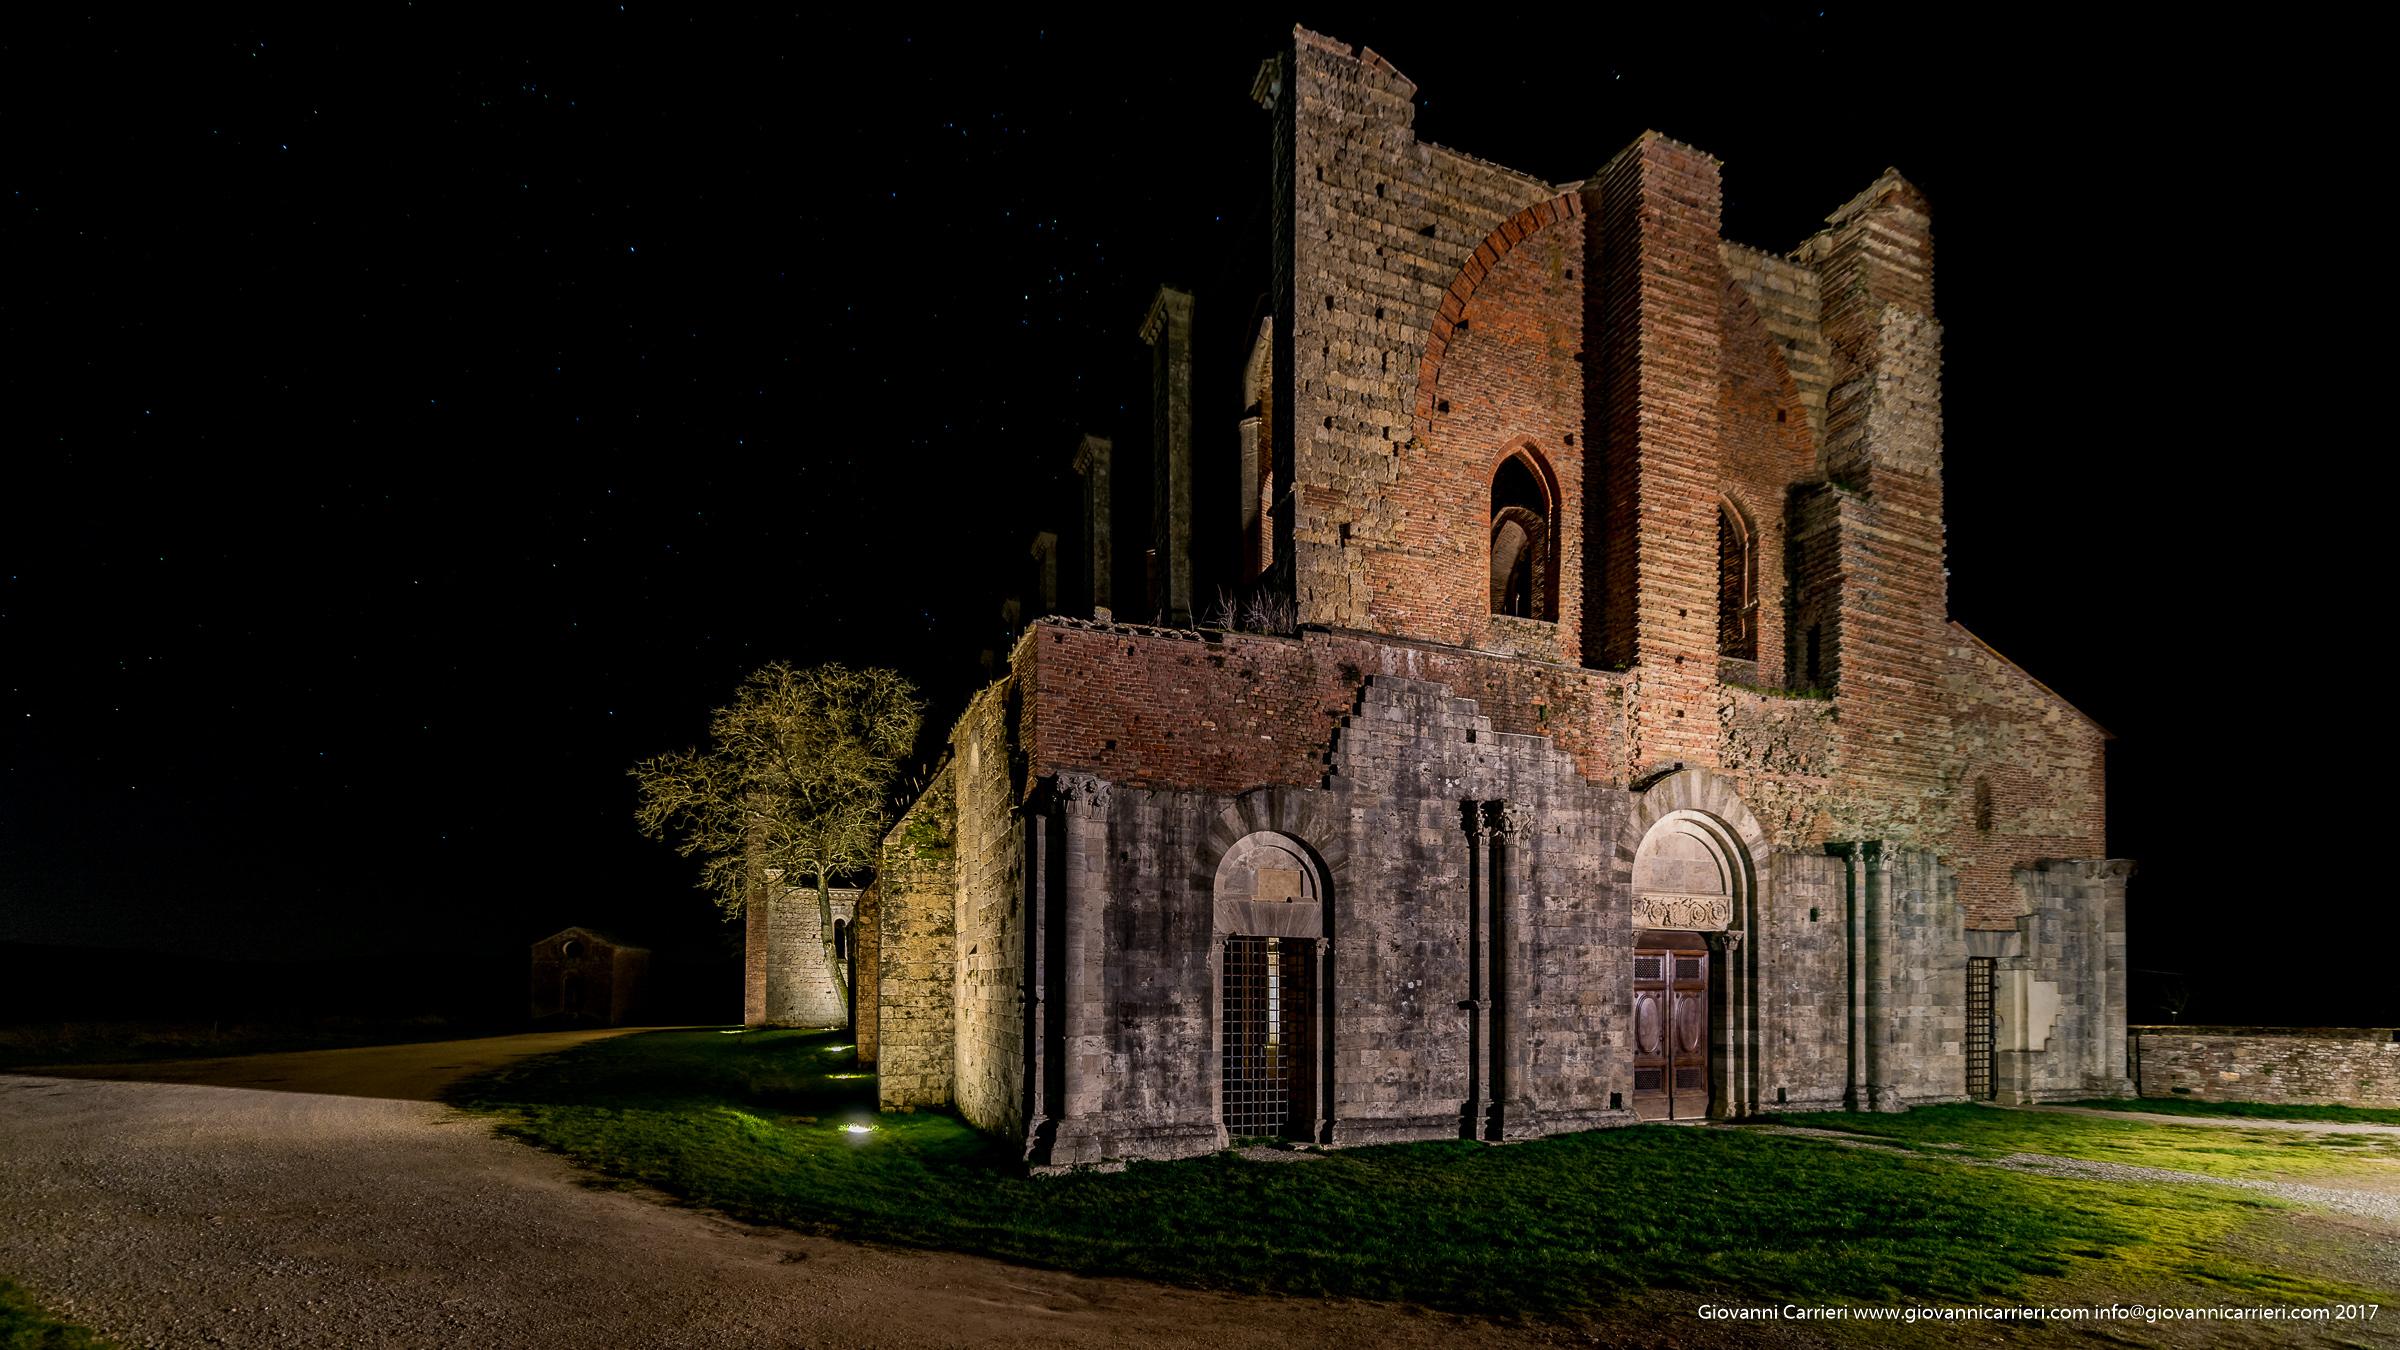 Vista notturna dell'Abbazia di San Galgano